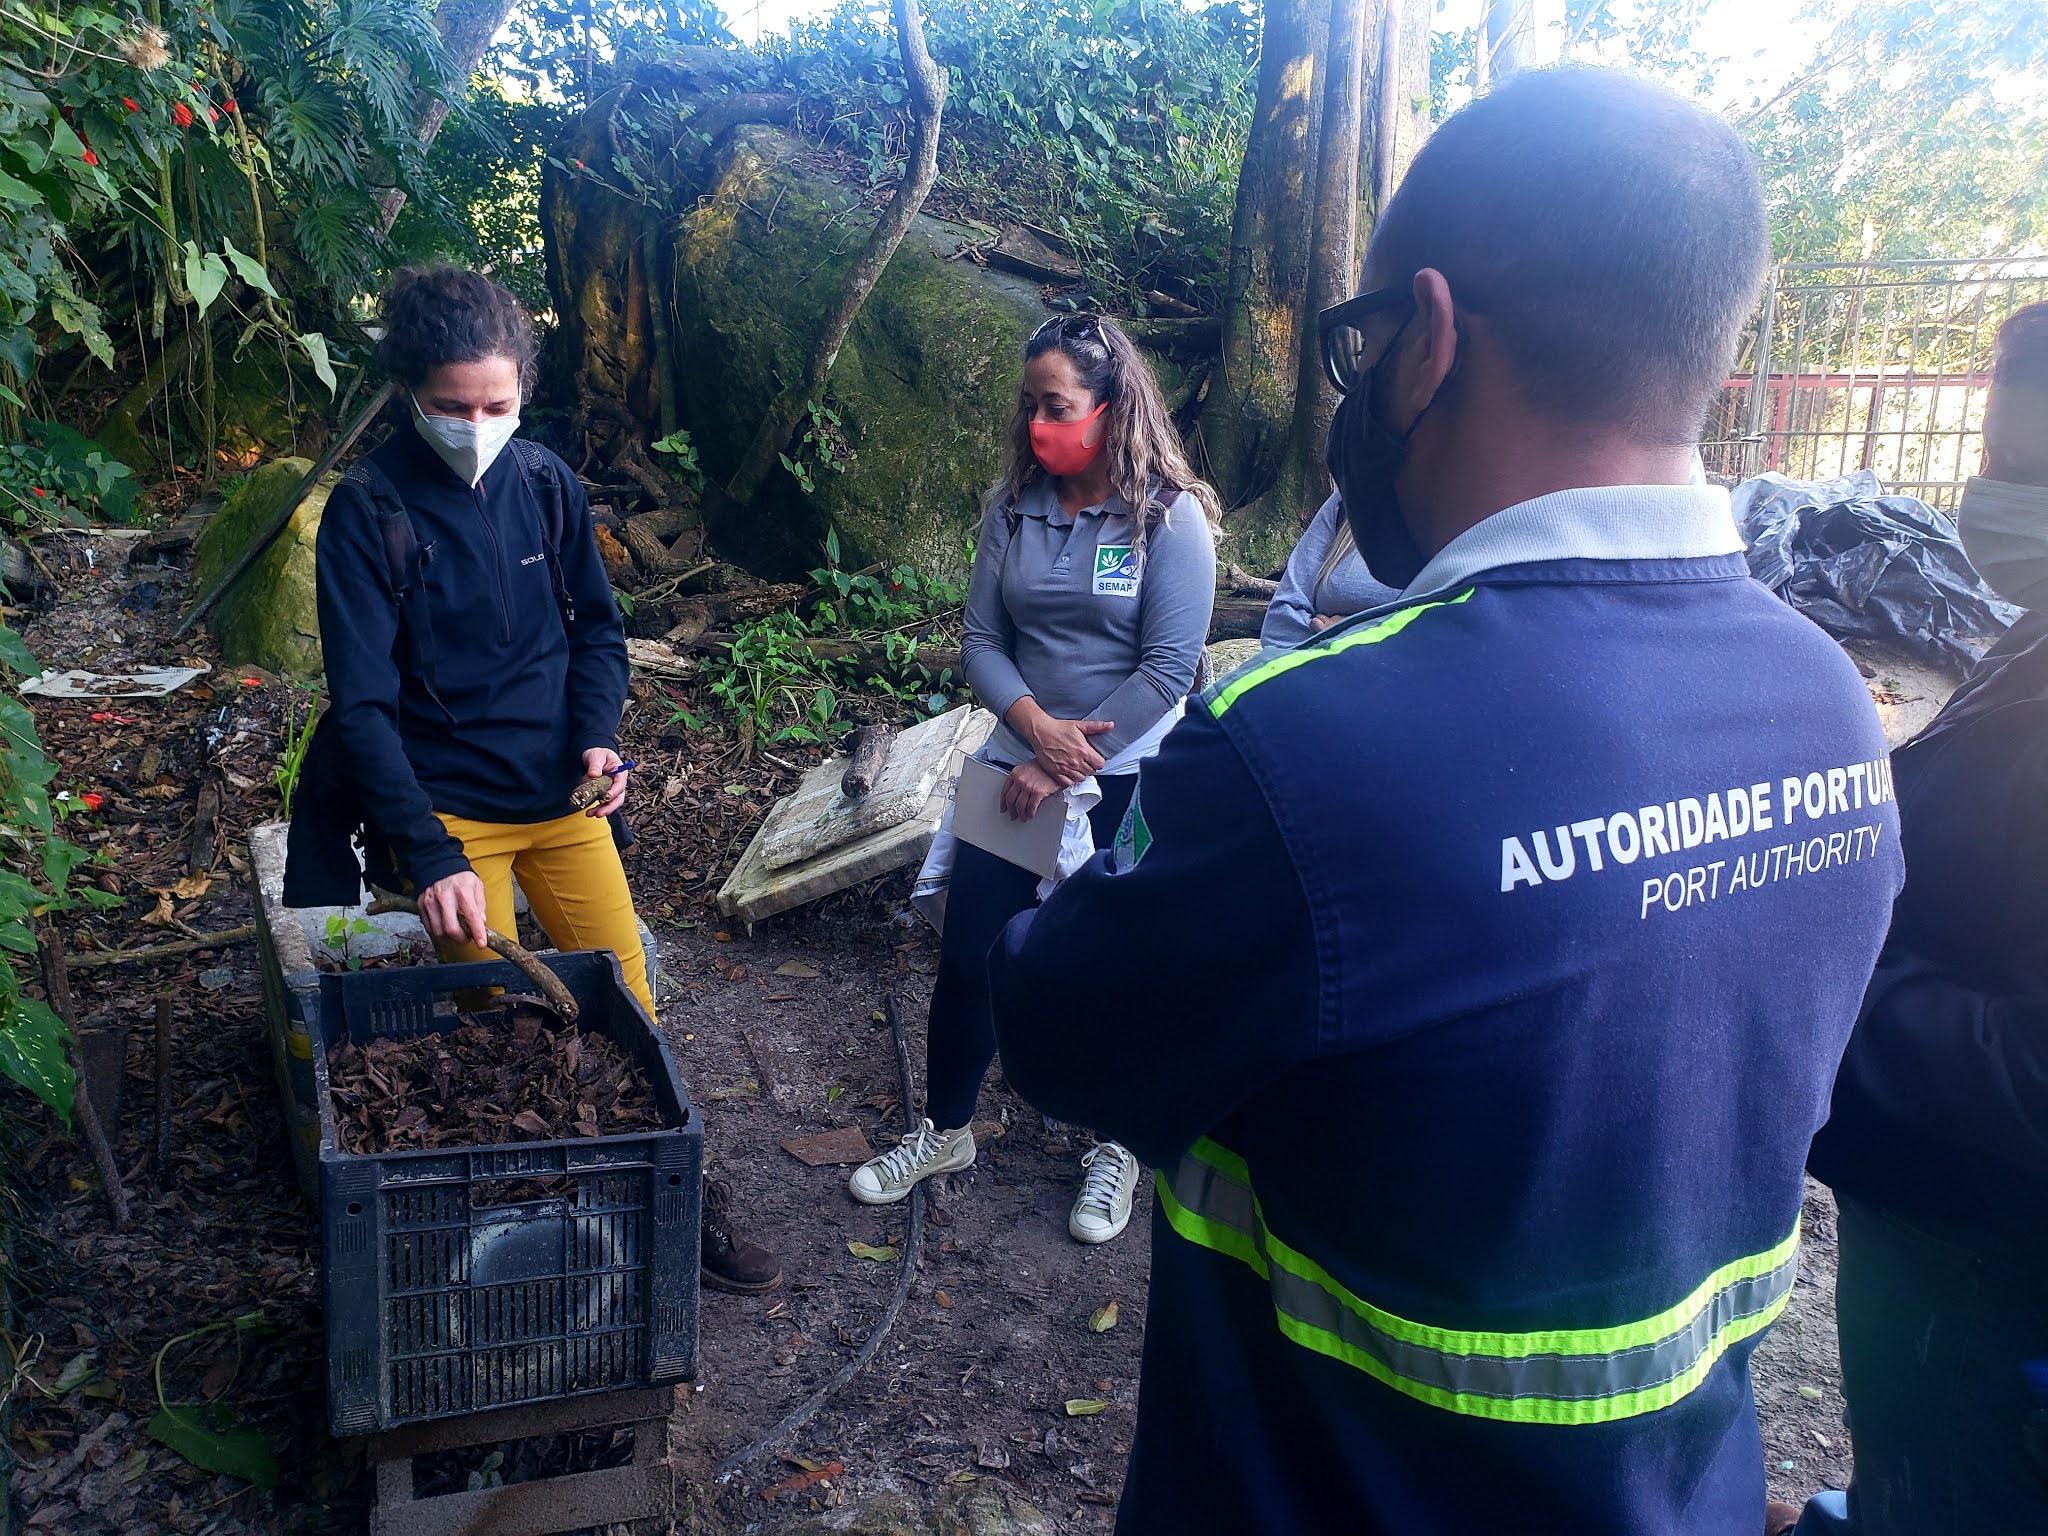 Educação Ambiental leva sustentabilidade às comunidades do litoral paranaense